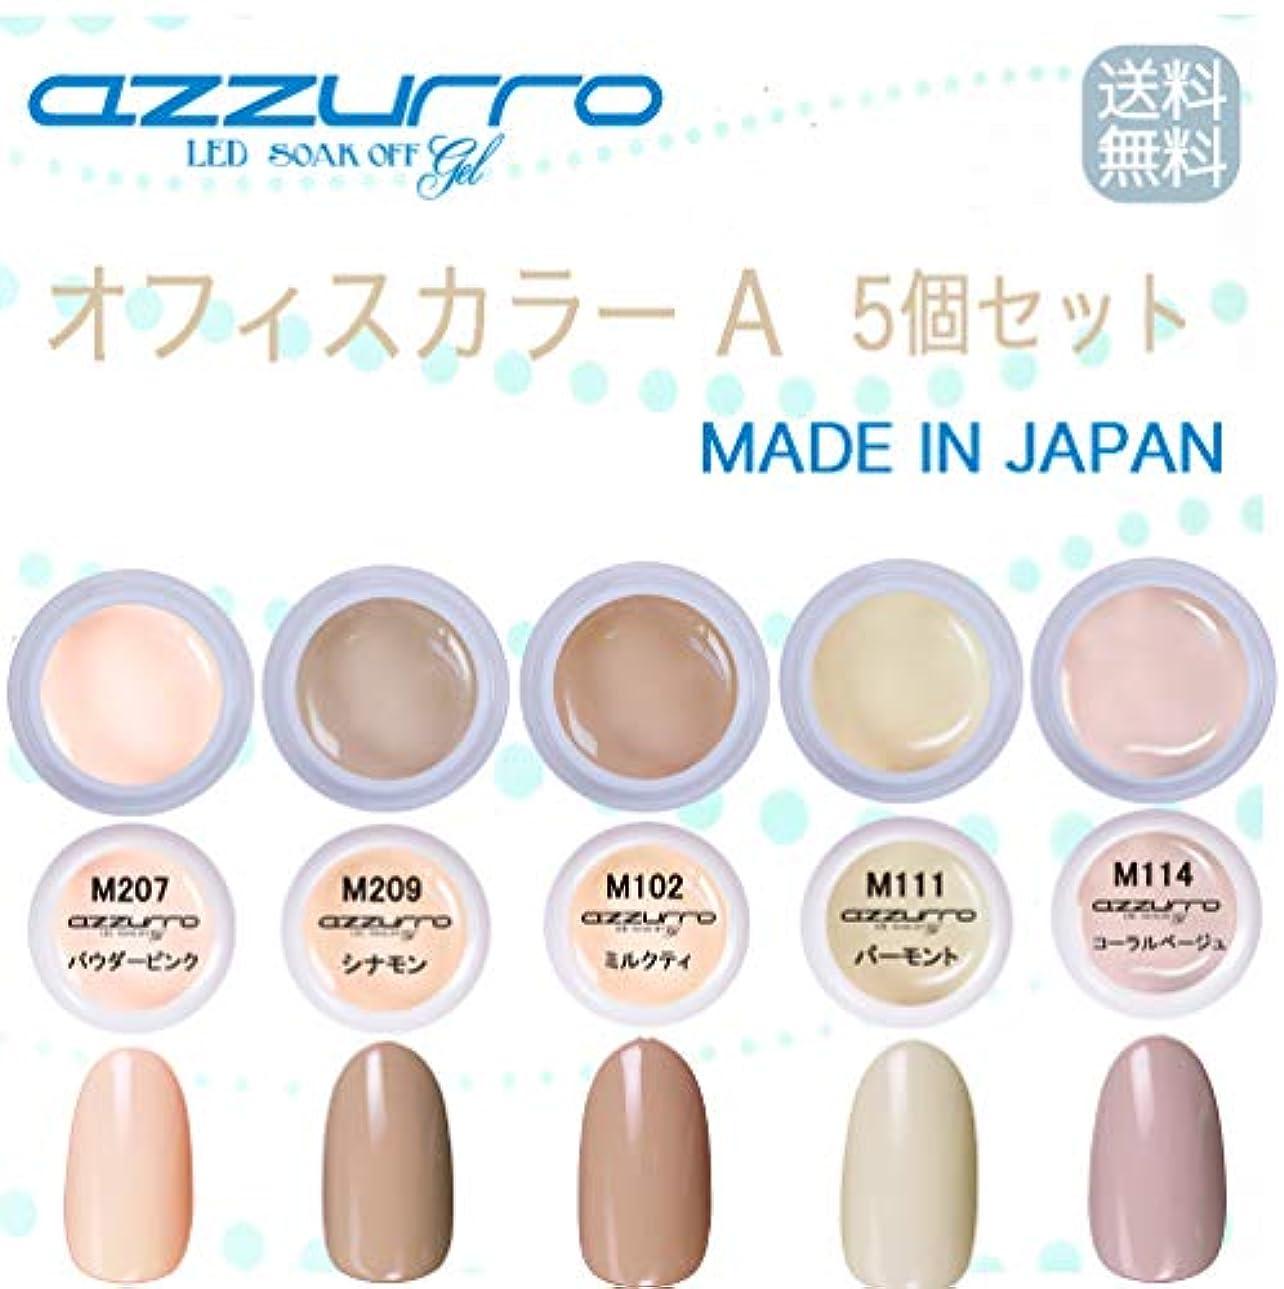 十分です探偵歌手【送料無料】日本製 azzurro gel オフィスカラージェルA5個セット オフィスでも人気のカラーをセット